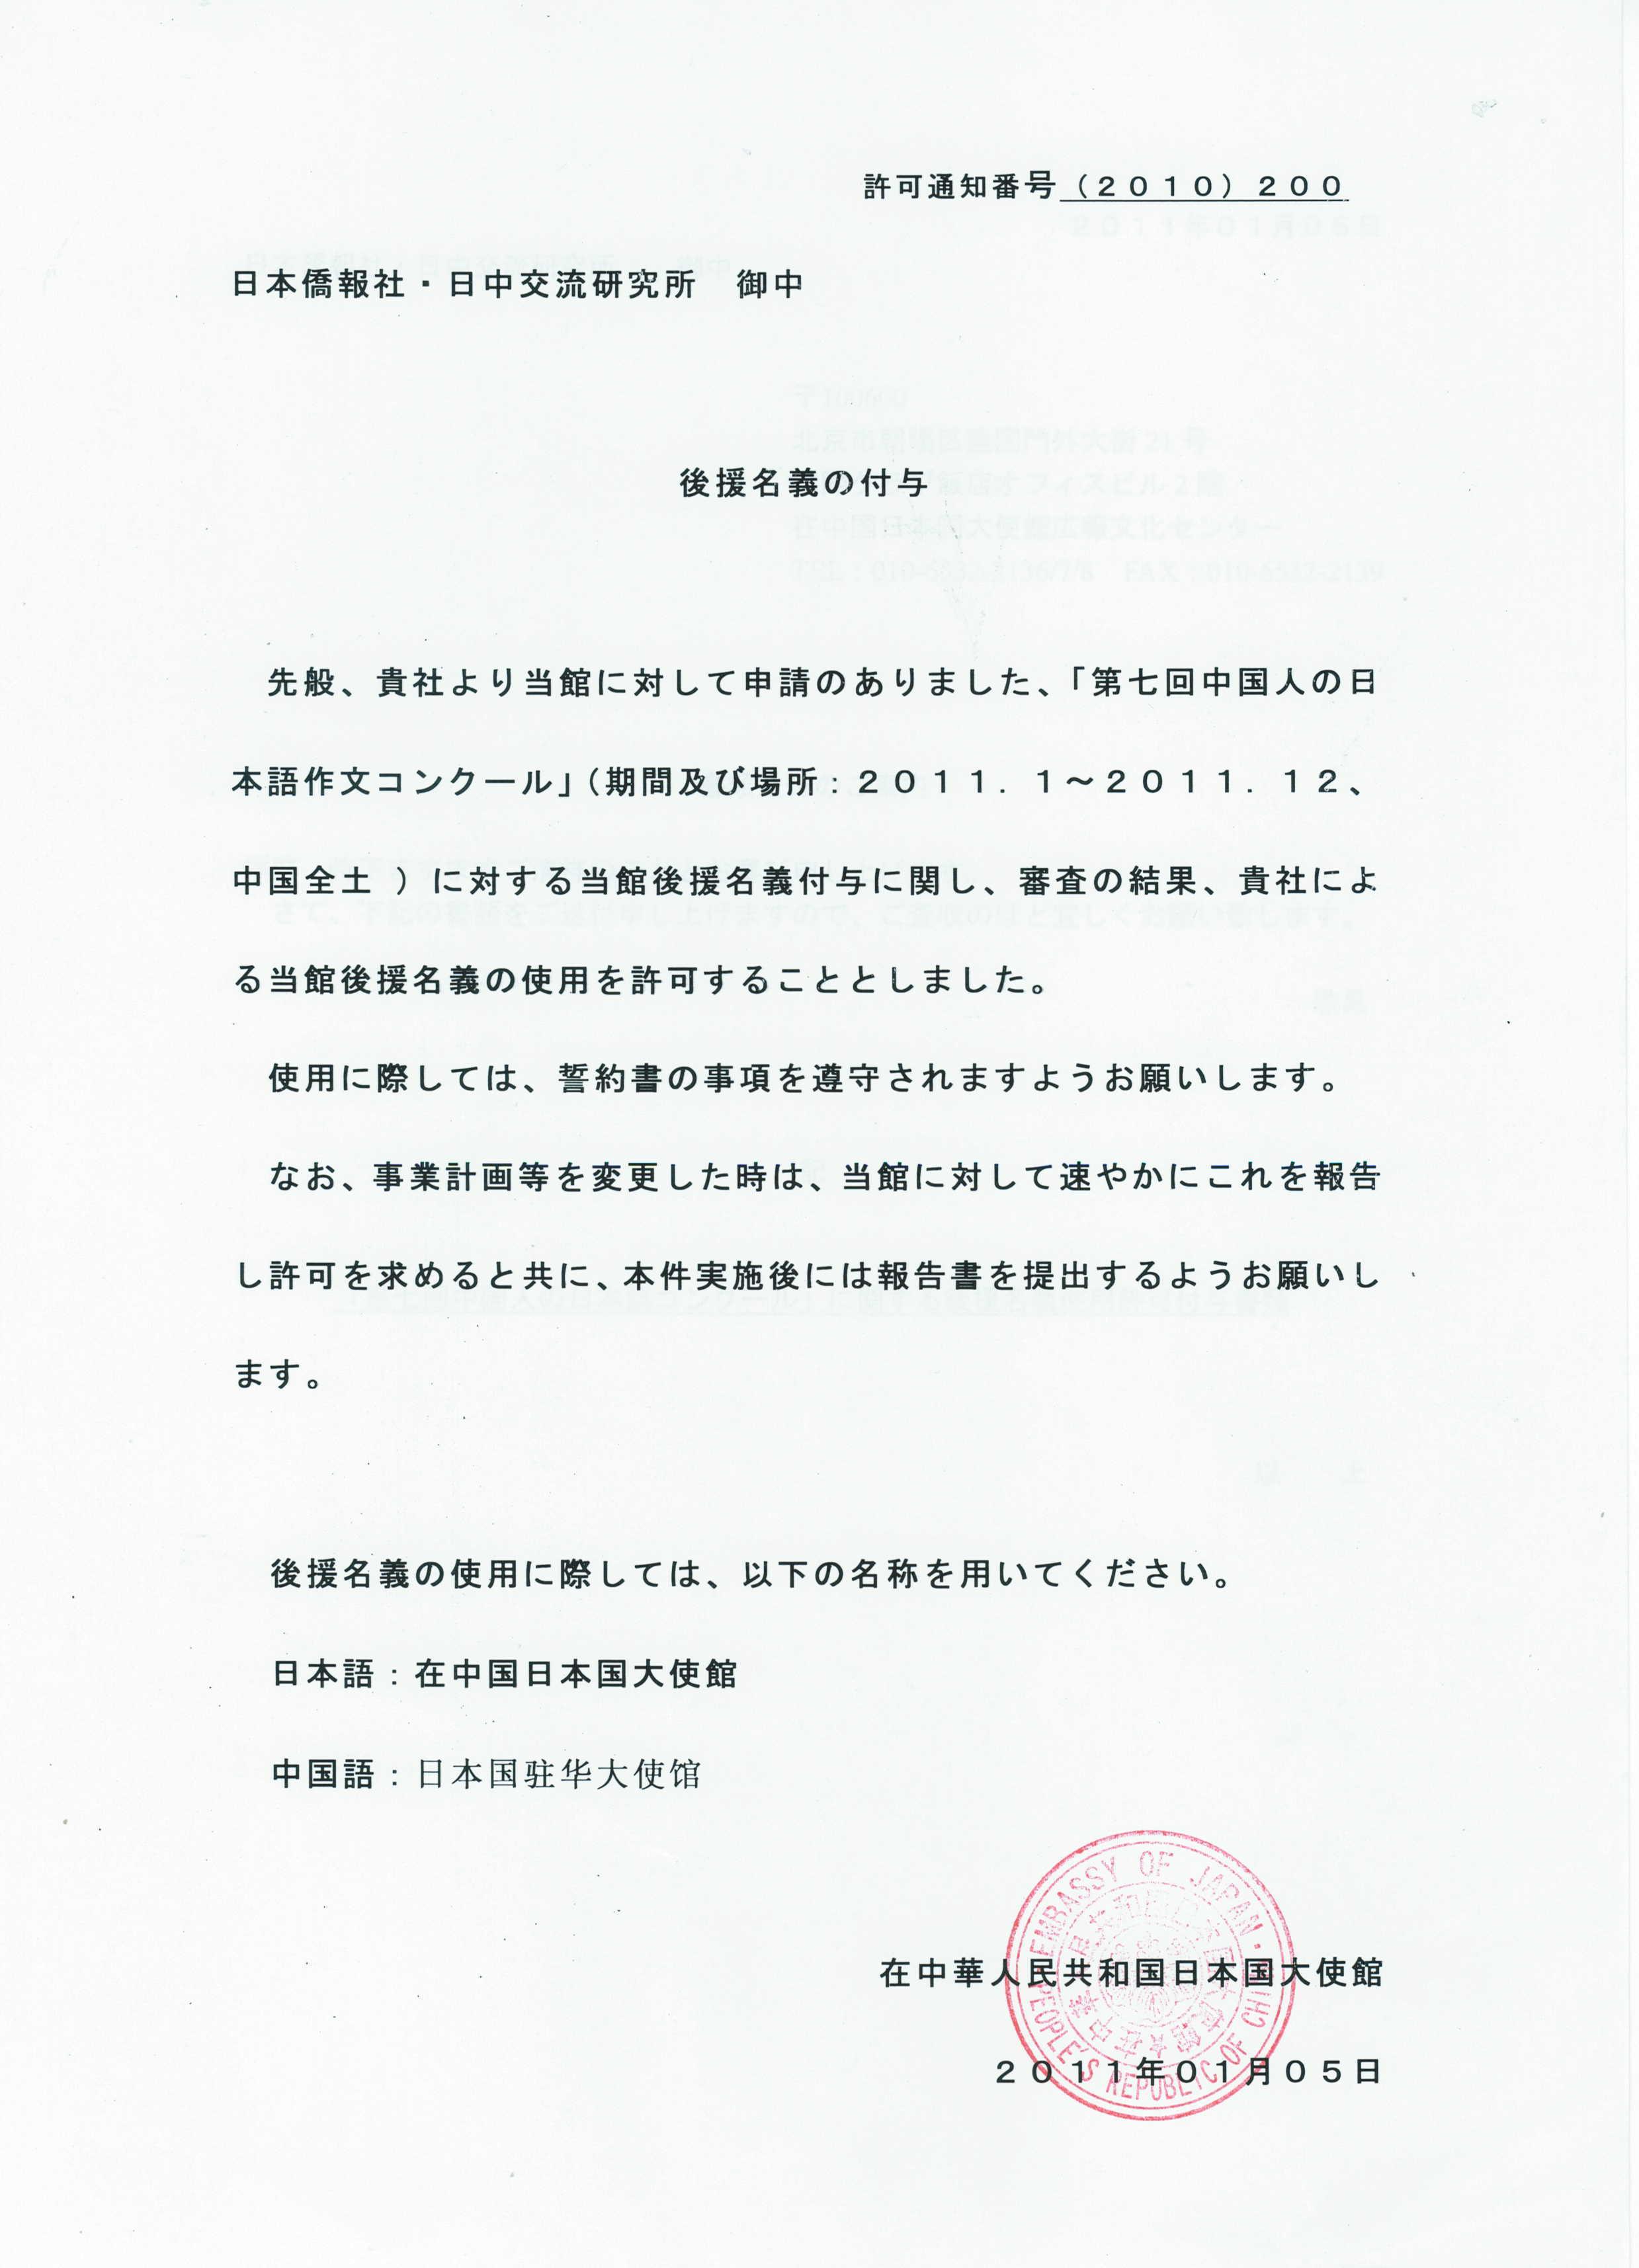 在中国日本国大使館から後援名義書類 本日受取_d0027795_14164263.jpg